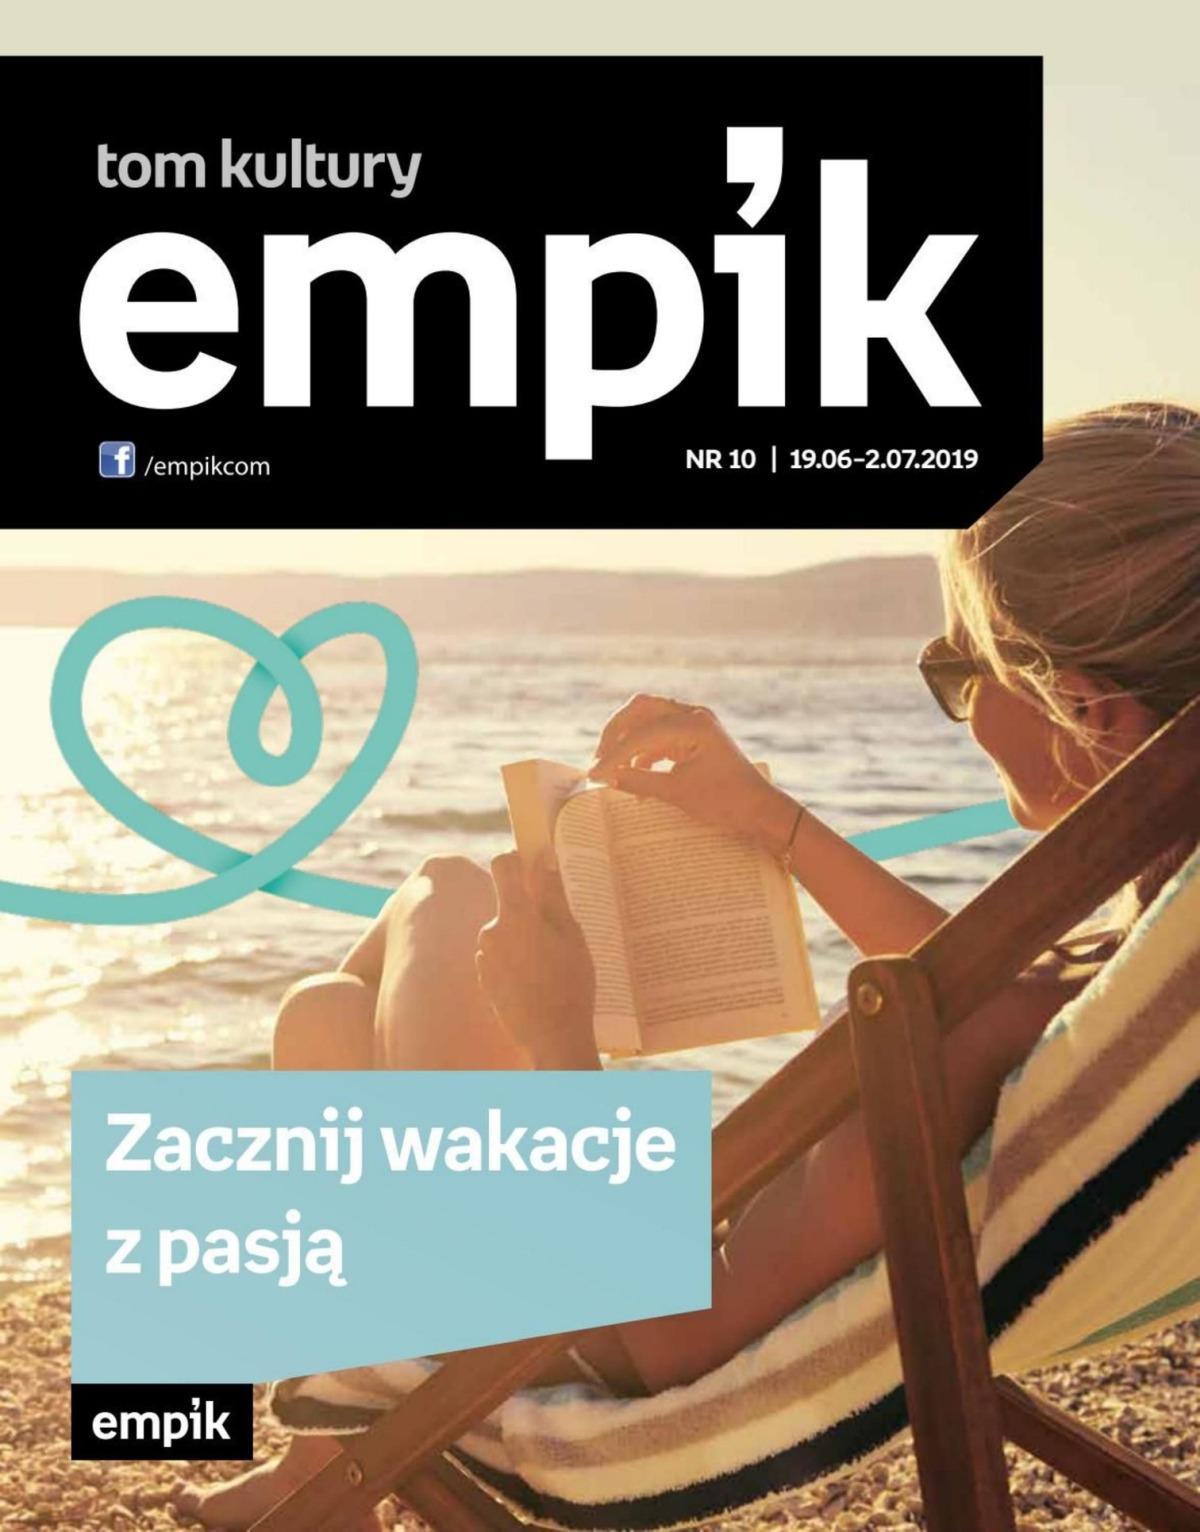 Gazetka promocyjna empik do 02/07/2019 str.1